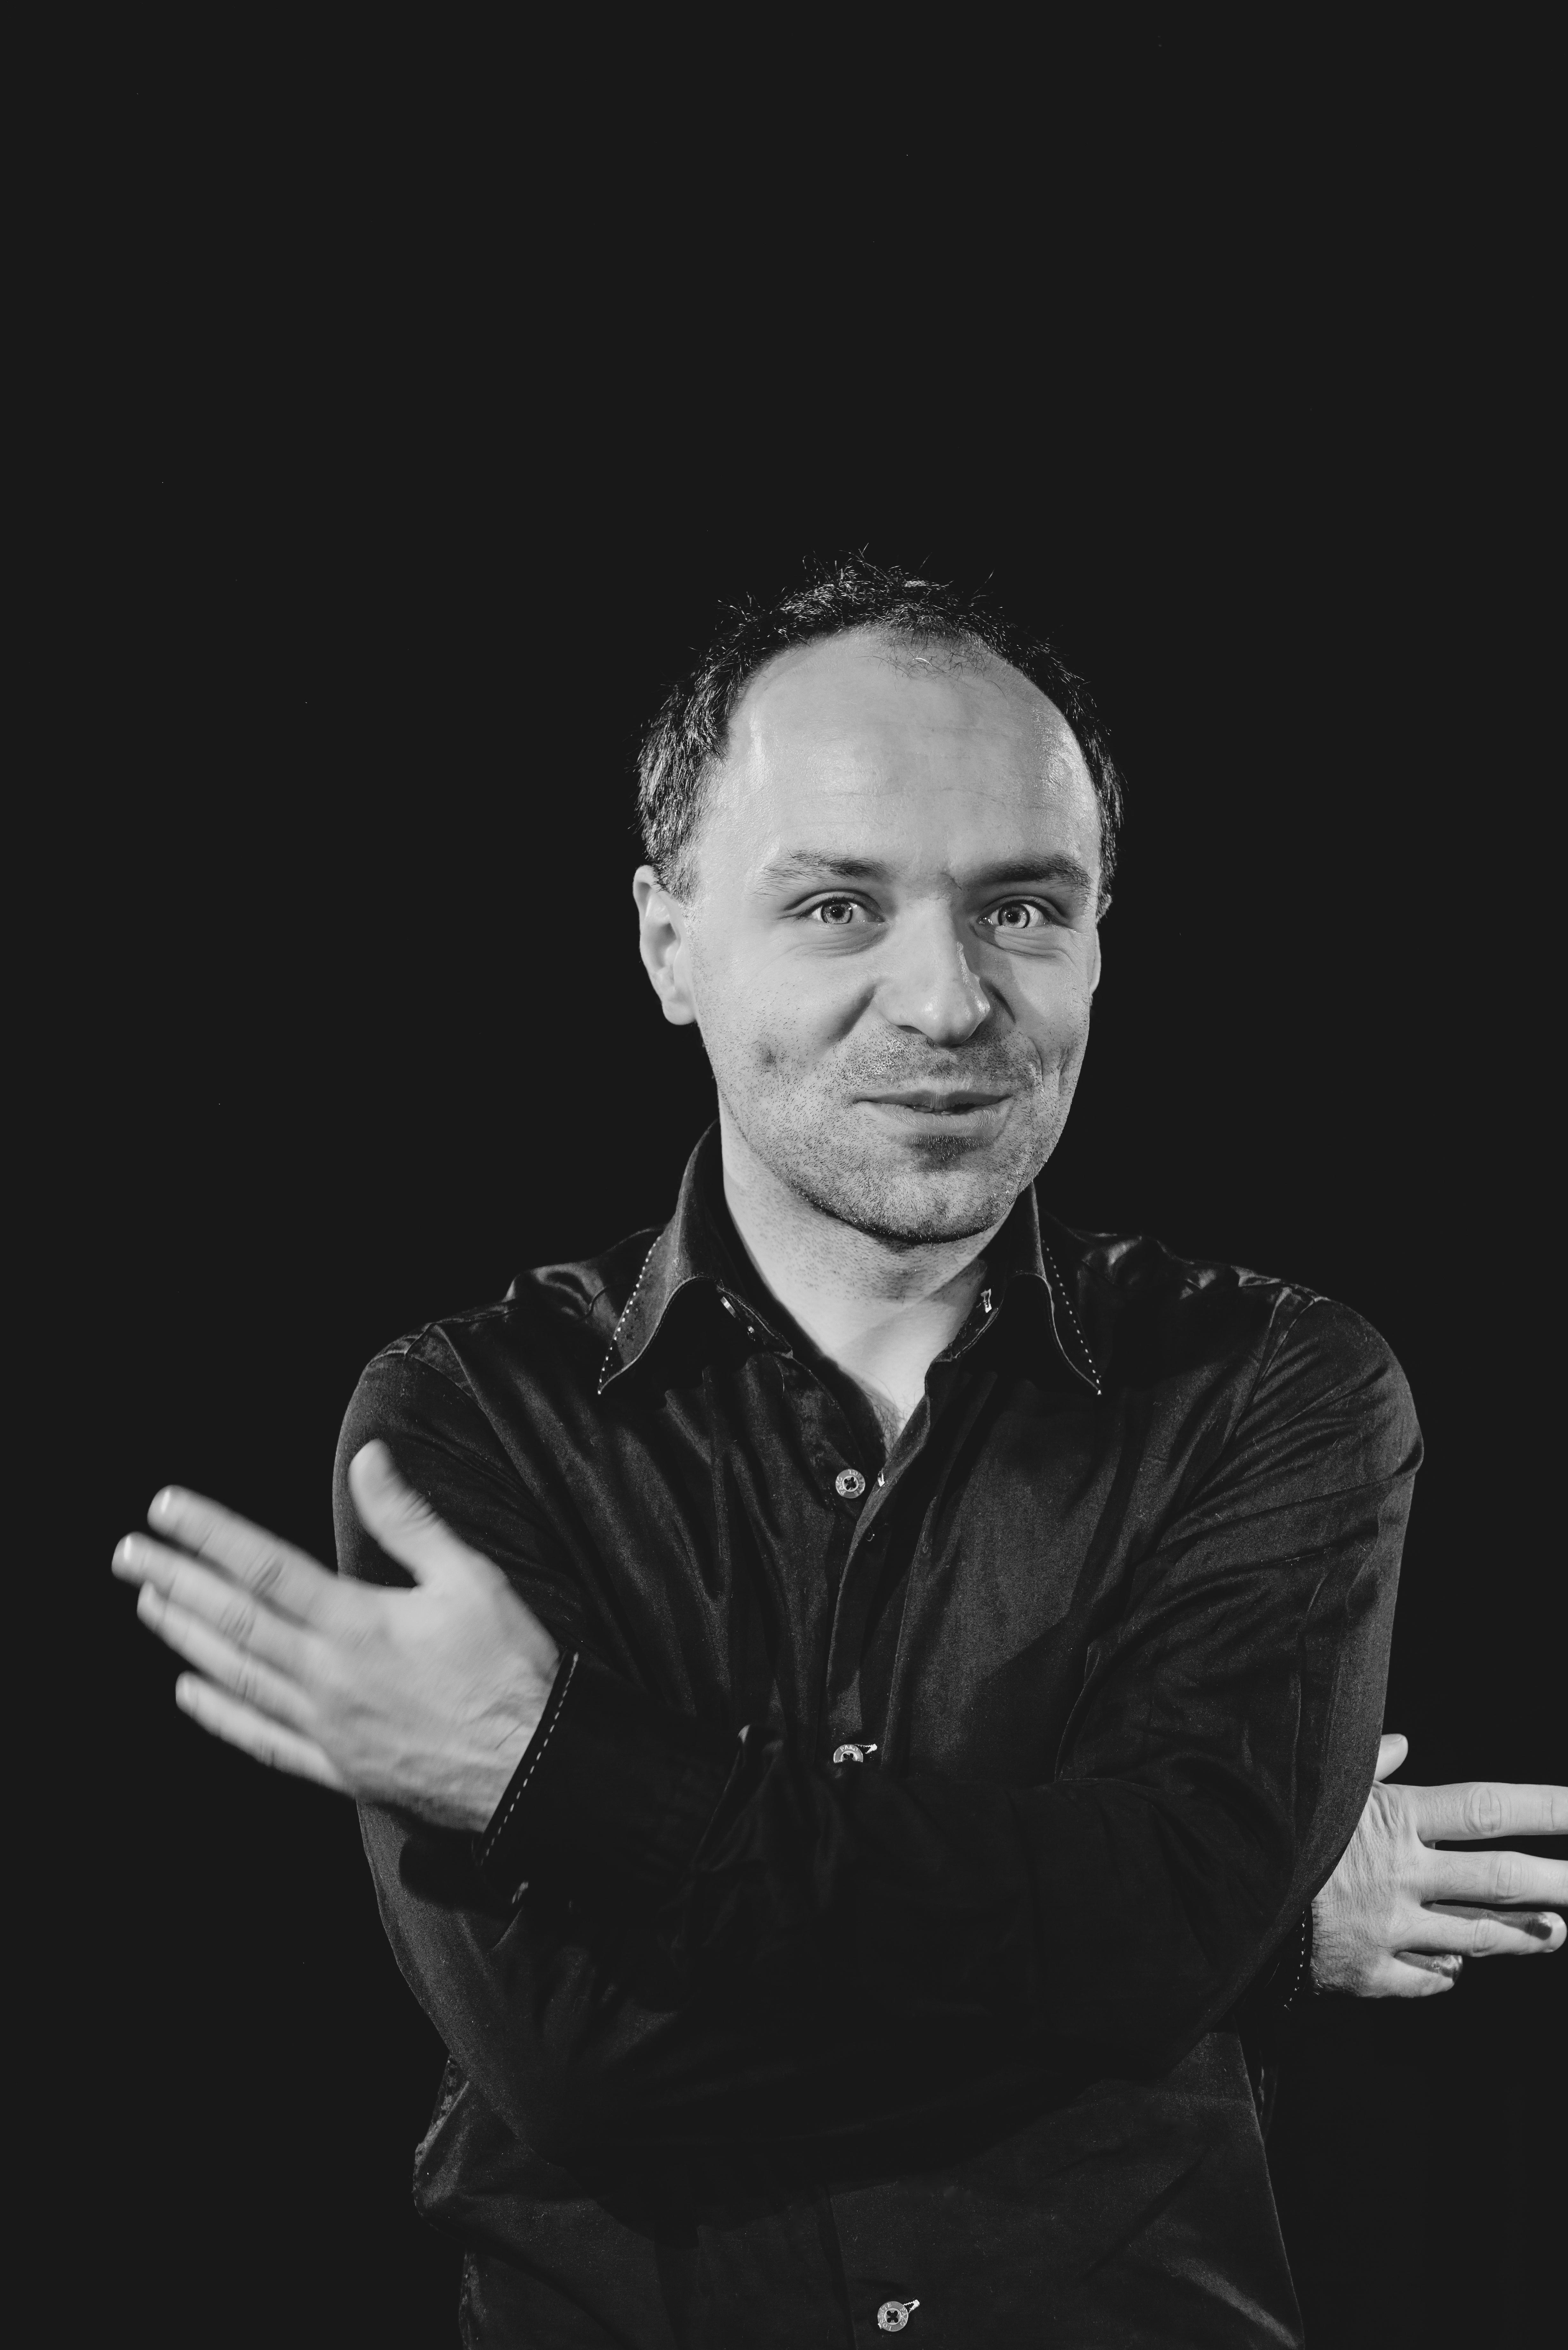 Tomasz J. Opałka